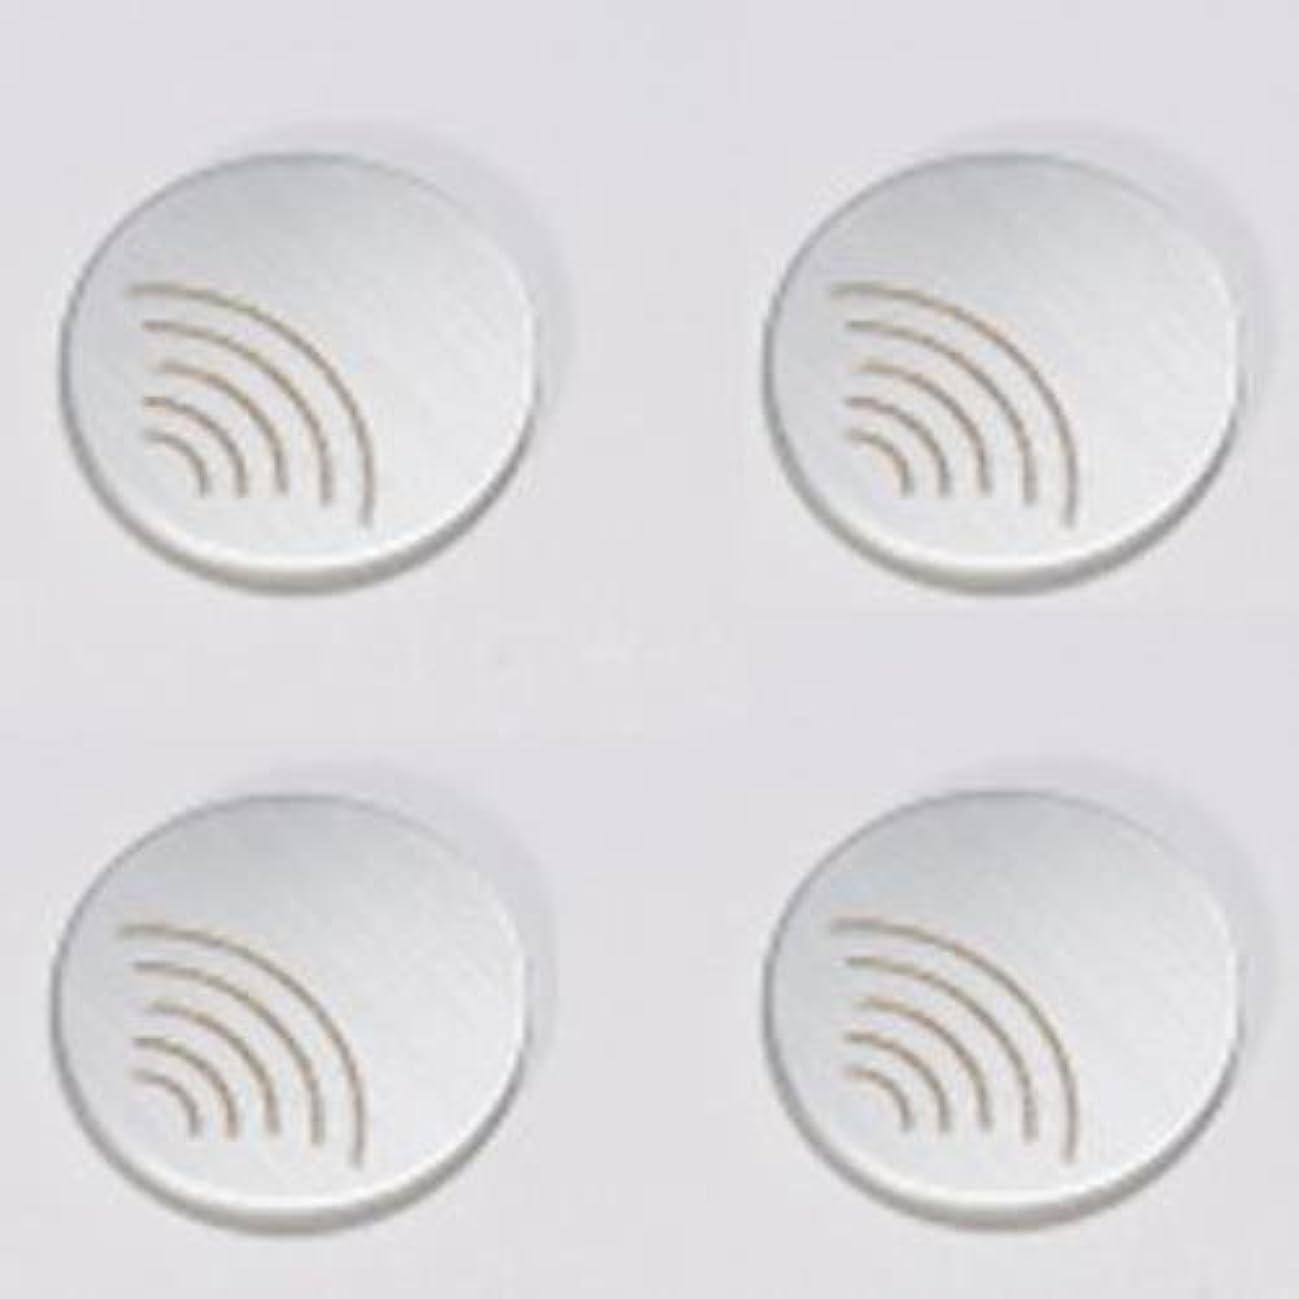 地球眠っているさわやかBhado 携帯電話用 1g 4個セット